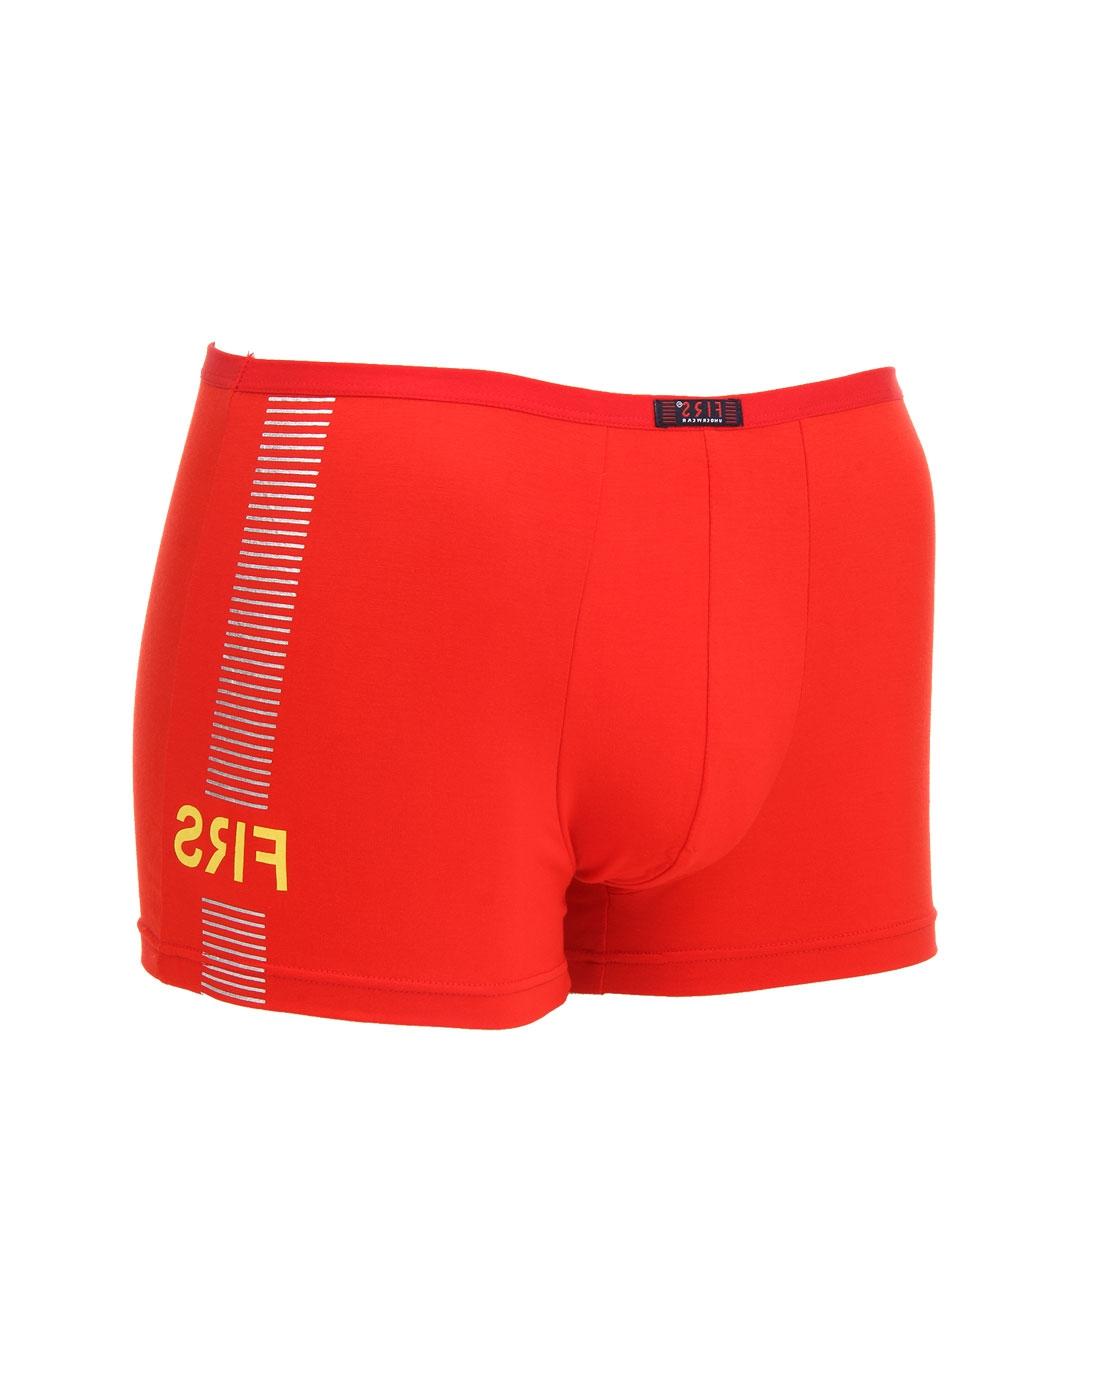 男士内裤l码多大_男士大红内裤